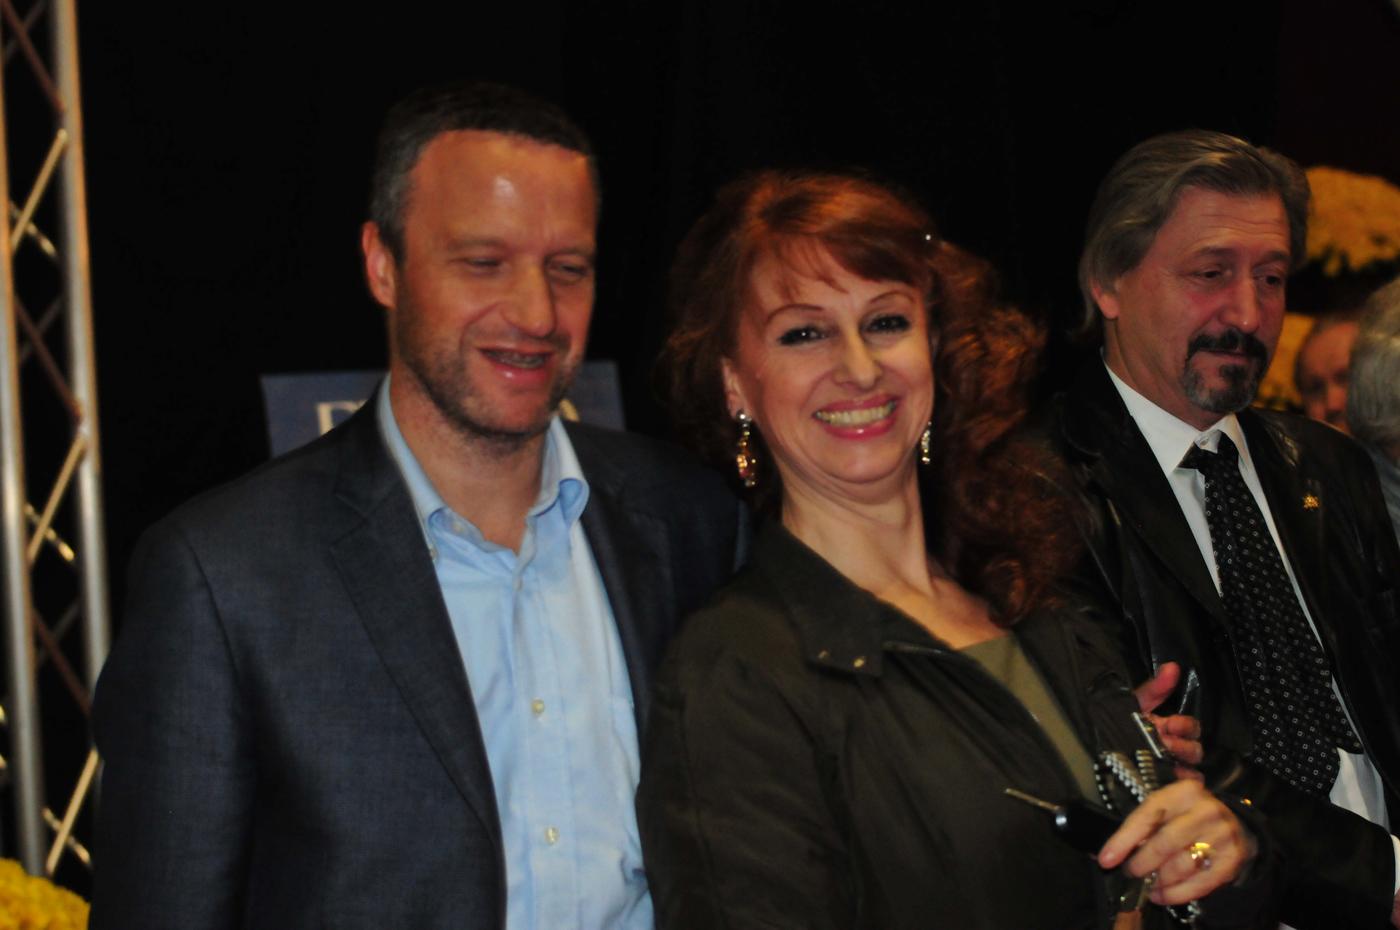 Il Presidente della Fondazione Arena di Verona Flavio Tosi  ospite di Opera in Piazza